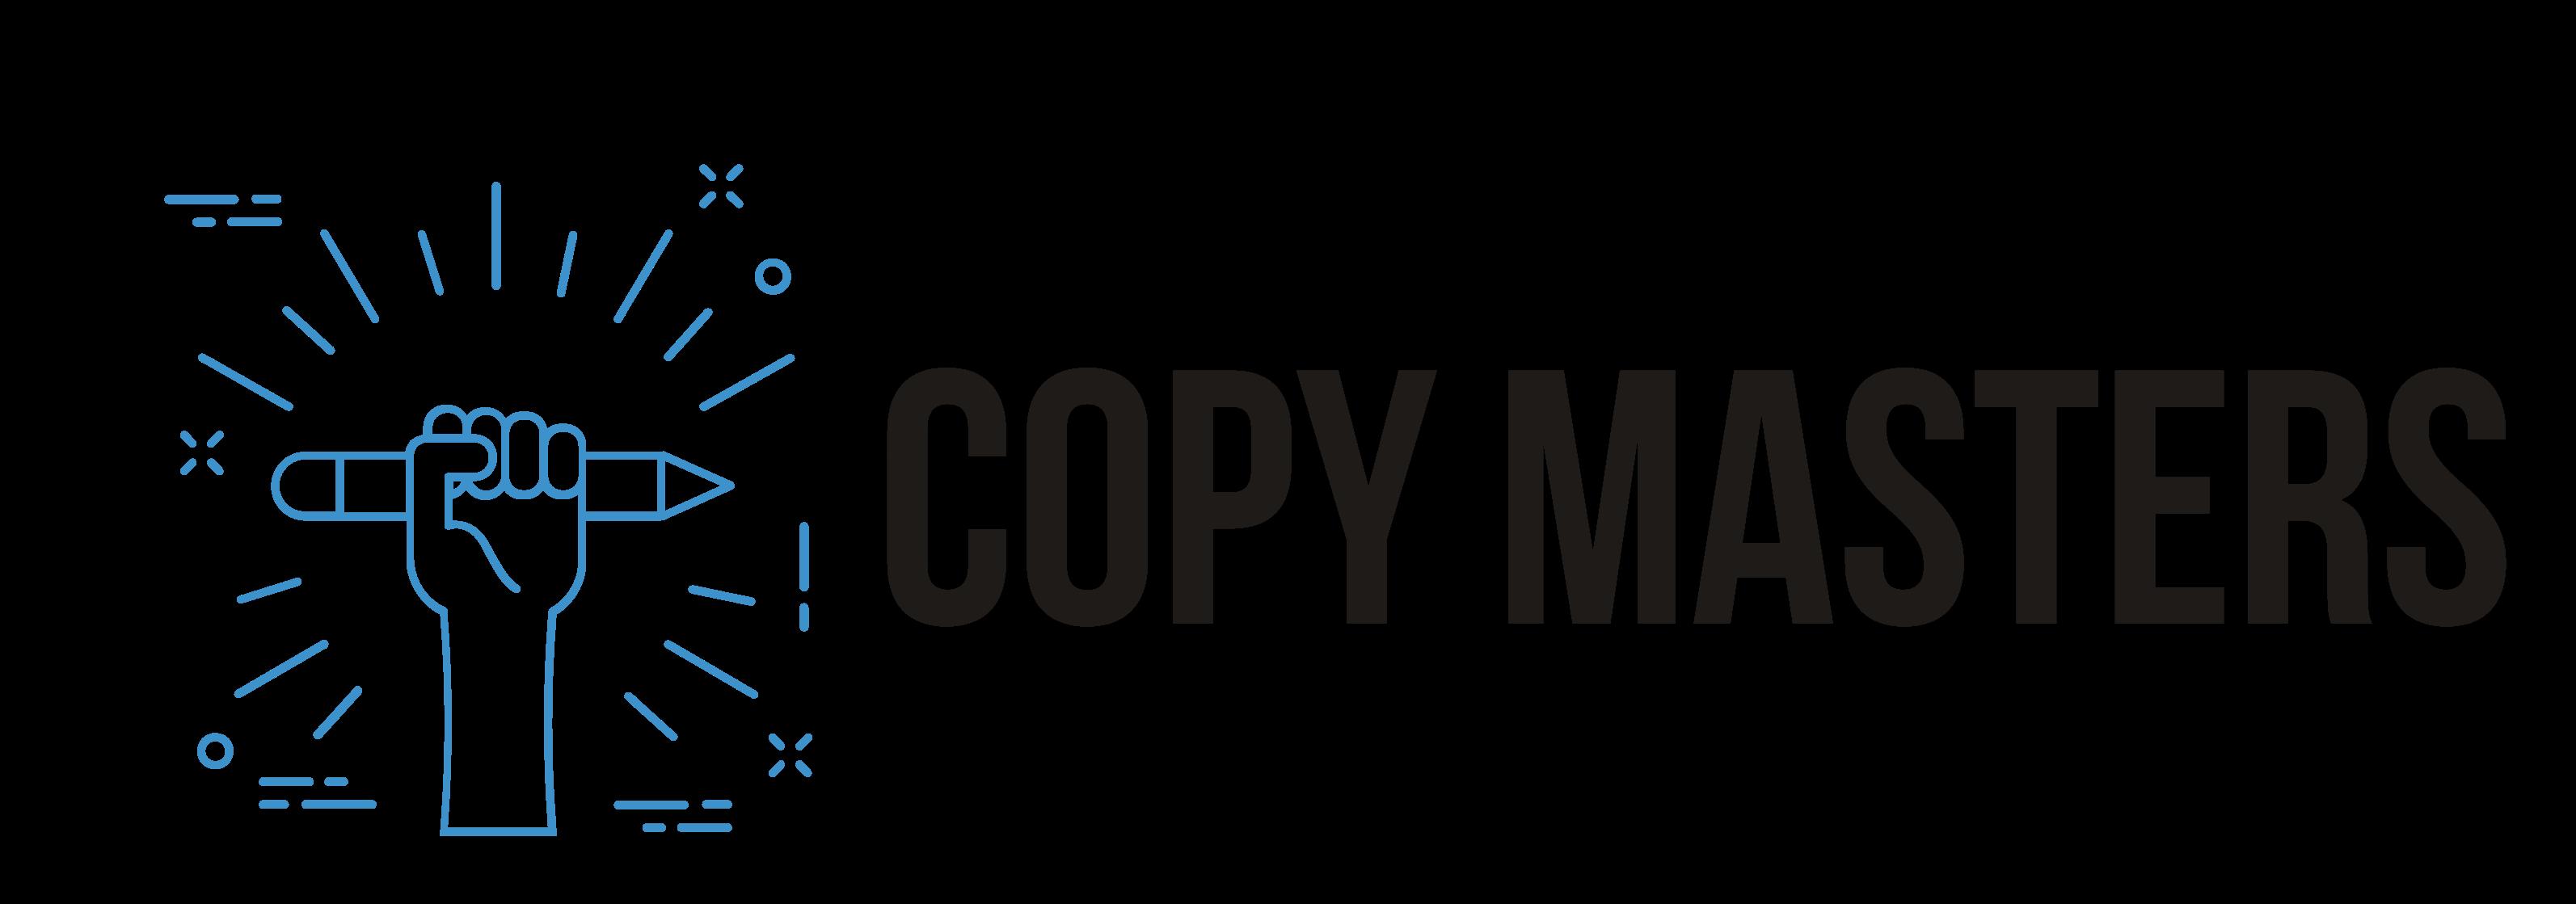 Copy Masters